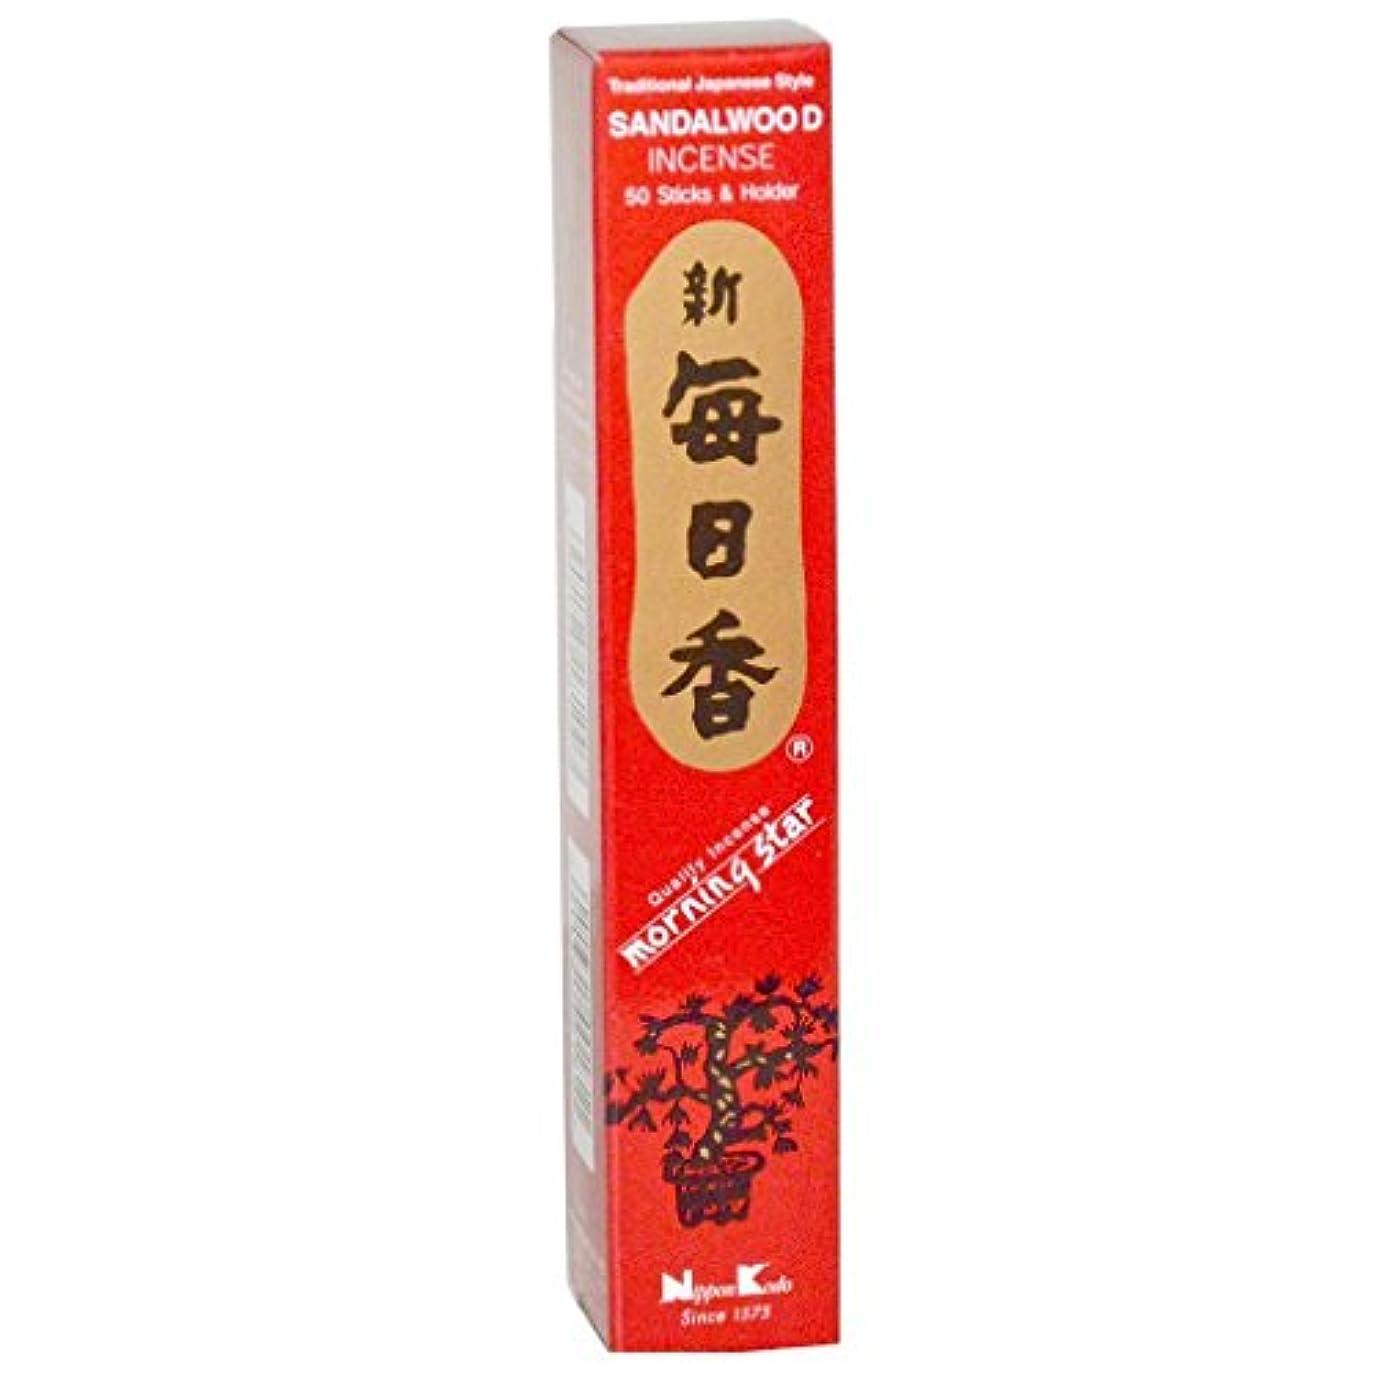 口径春前投薬Sandalwood Morning Star Quality Japanese Incense by Nippon Kodo - 50 Sticks + Holder